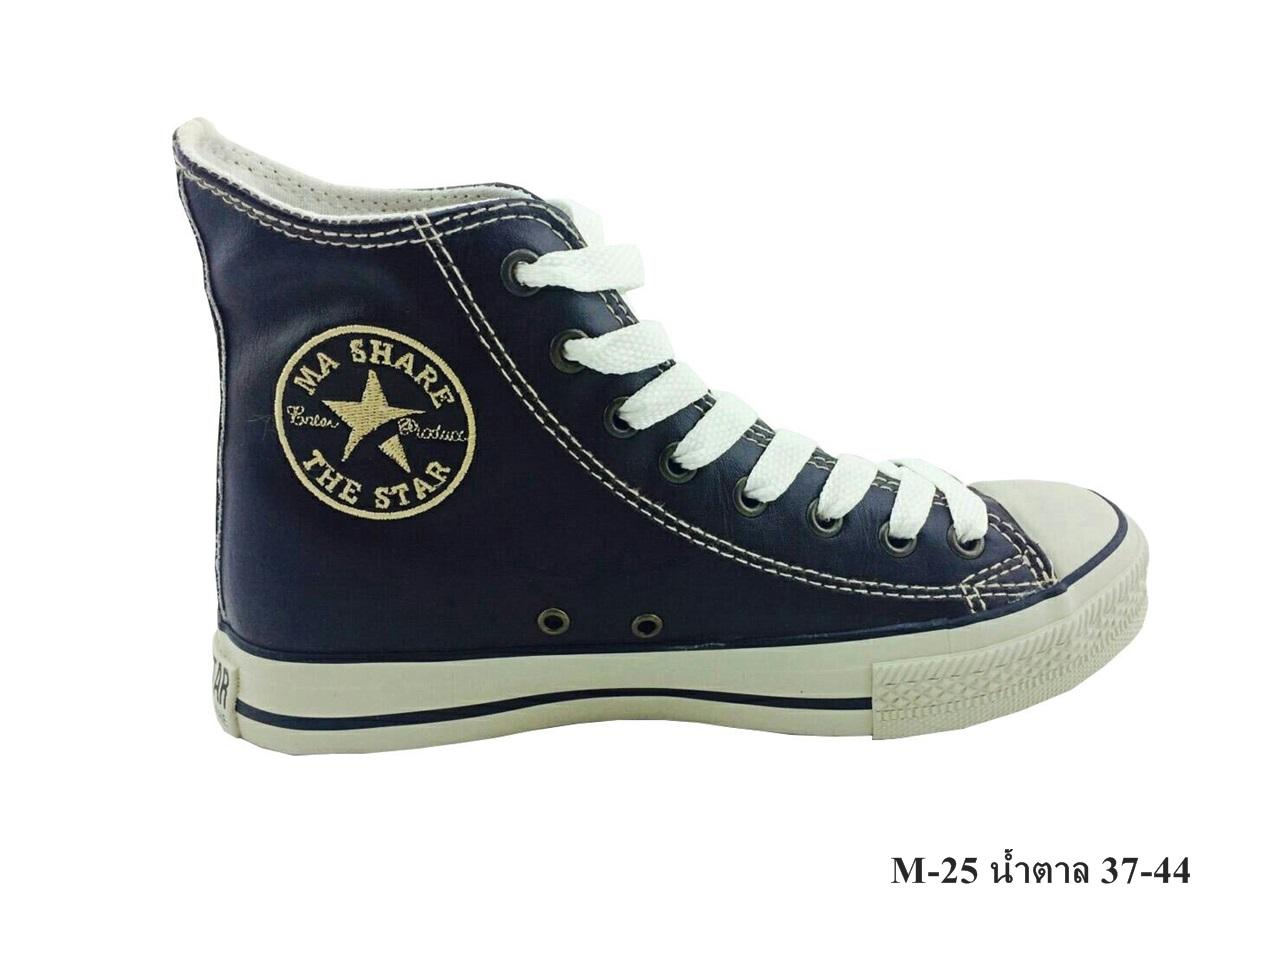 [พร้อมส่ง] รองเท้าผ้าใบแฟชั่น (หุ้มข้อ) รุ่น M-25 สีน้ำตาล แบบหนัง